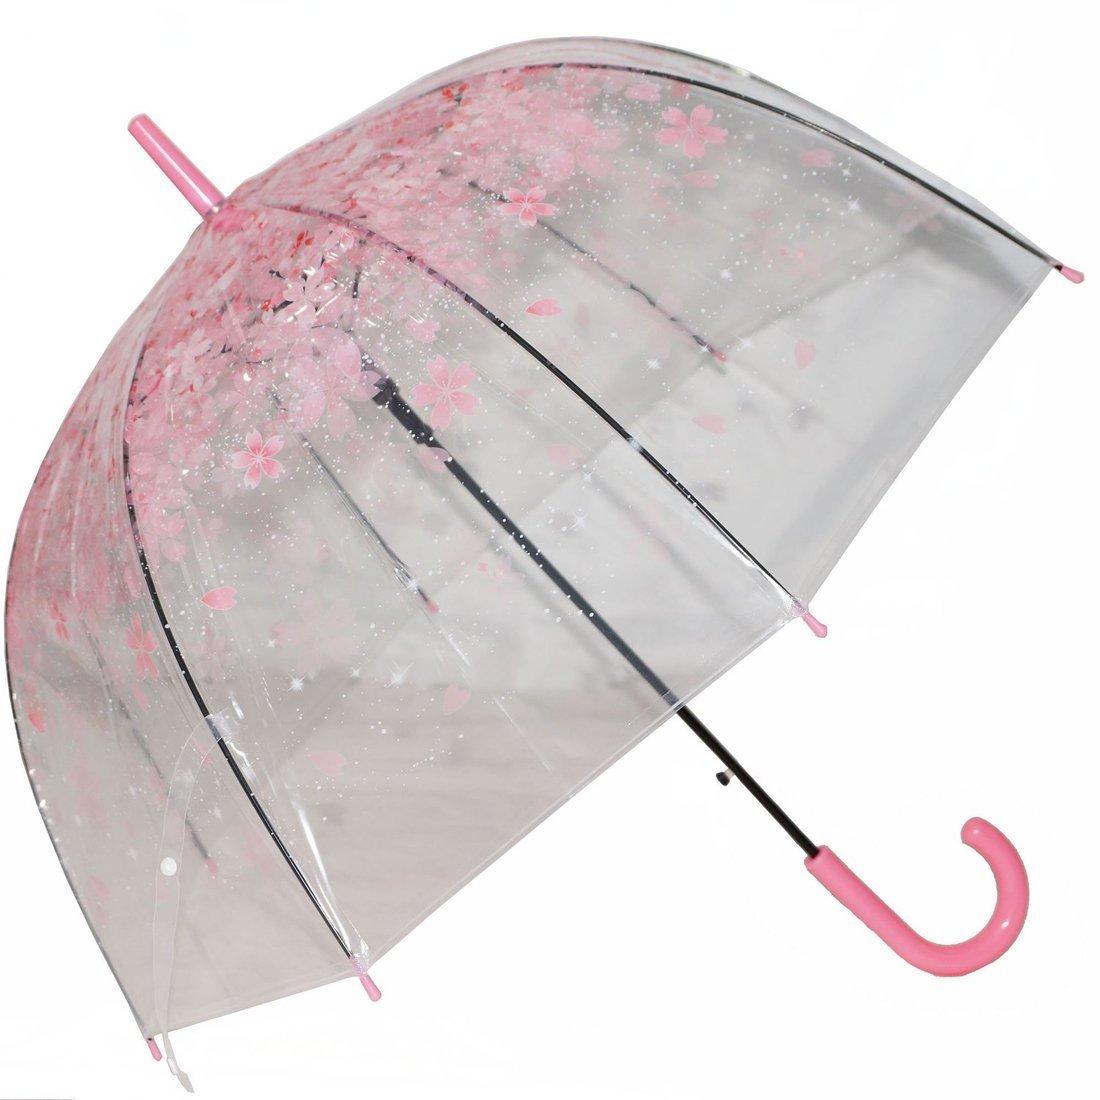 Tinksky Parapluie bulle romantique transparent Parapluie semi-automatique